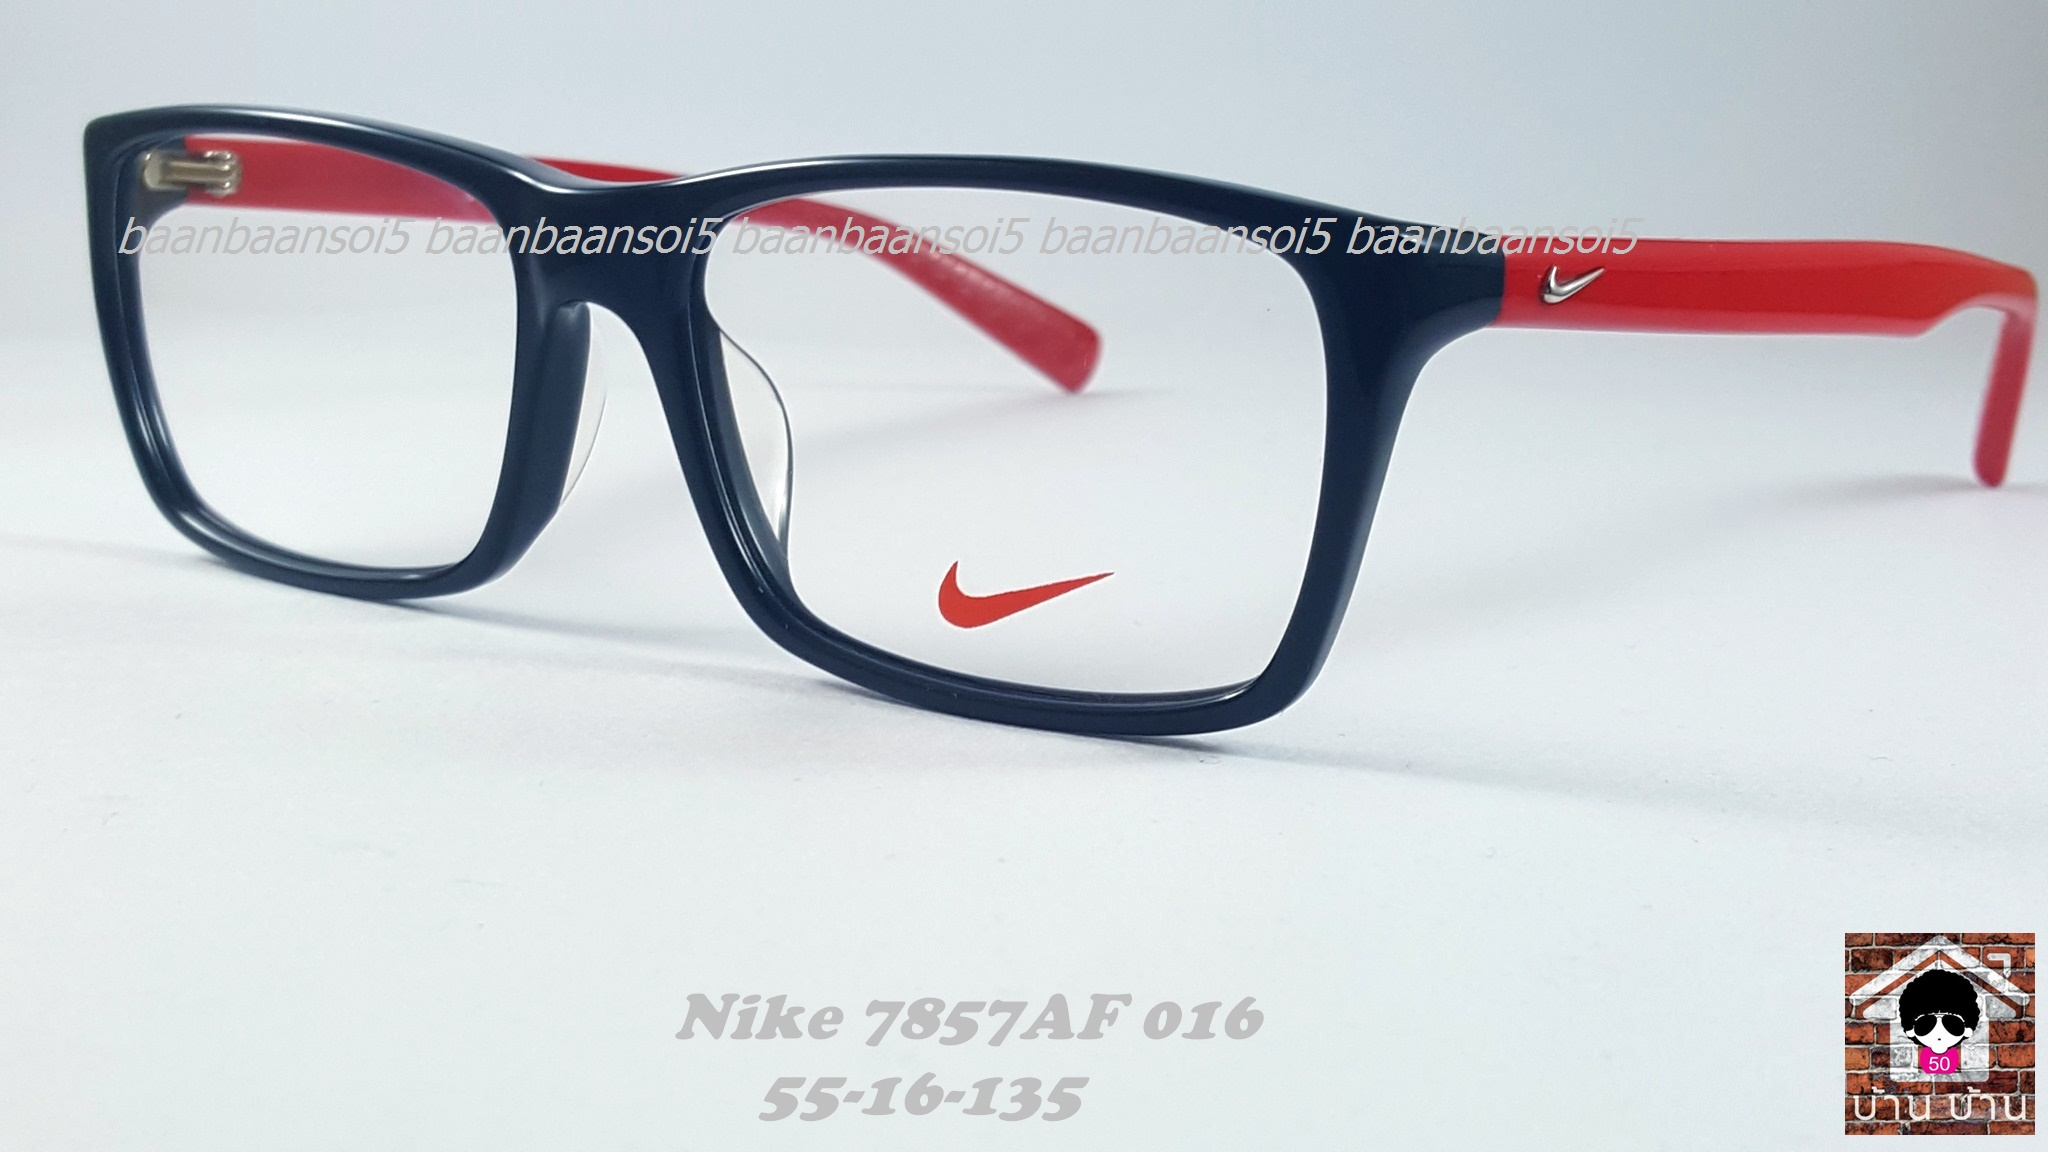 NIKE BRAND ORIGINALแท้ 7857 AF 016 กรอบแว่นตาพร้อมเลนส์ มัลติโค๊ตHOYA ป้องกันรังสีคอม 3,200 บาท